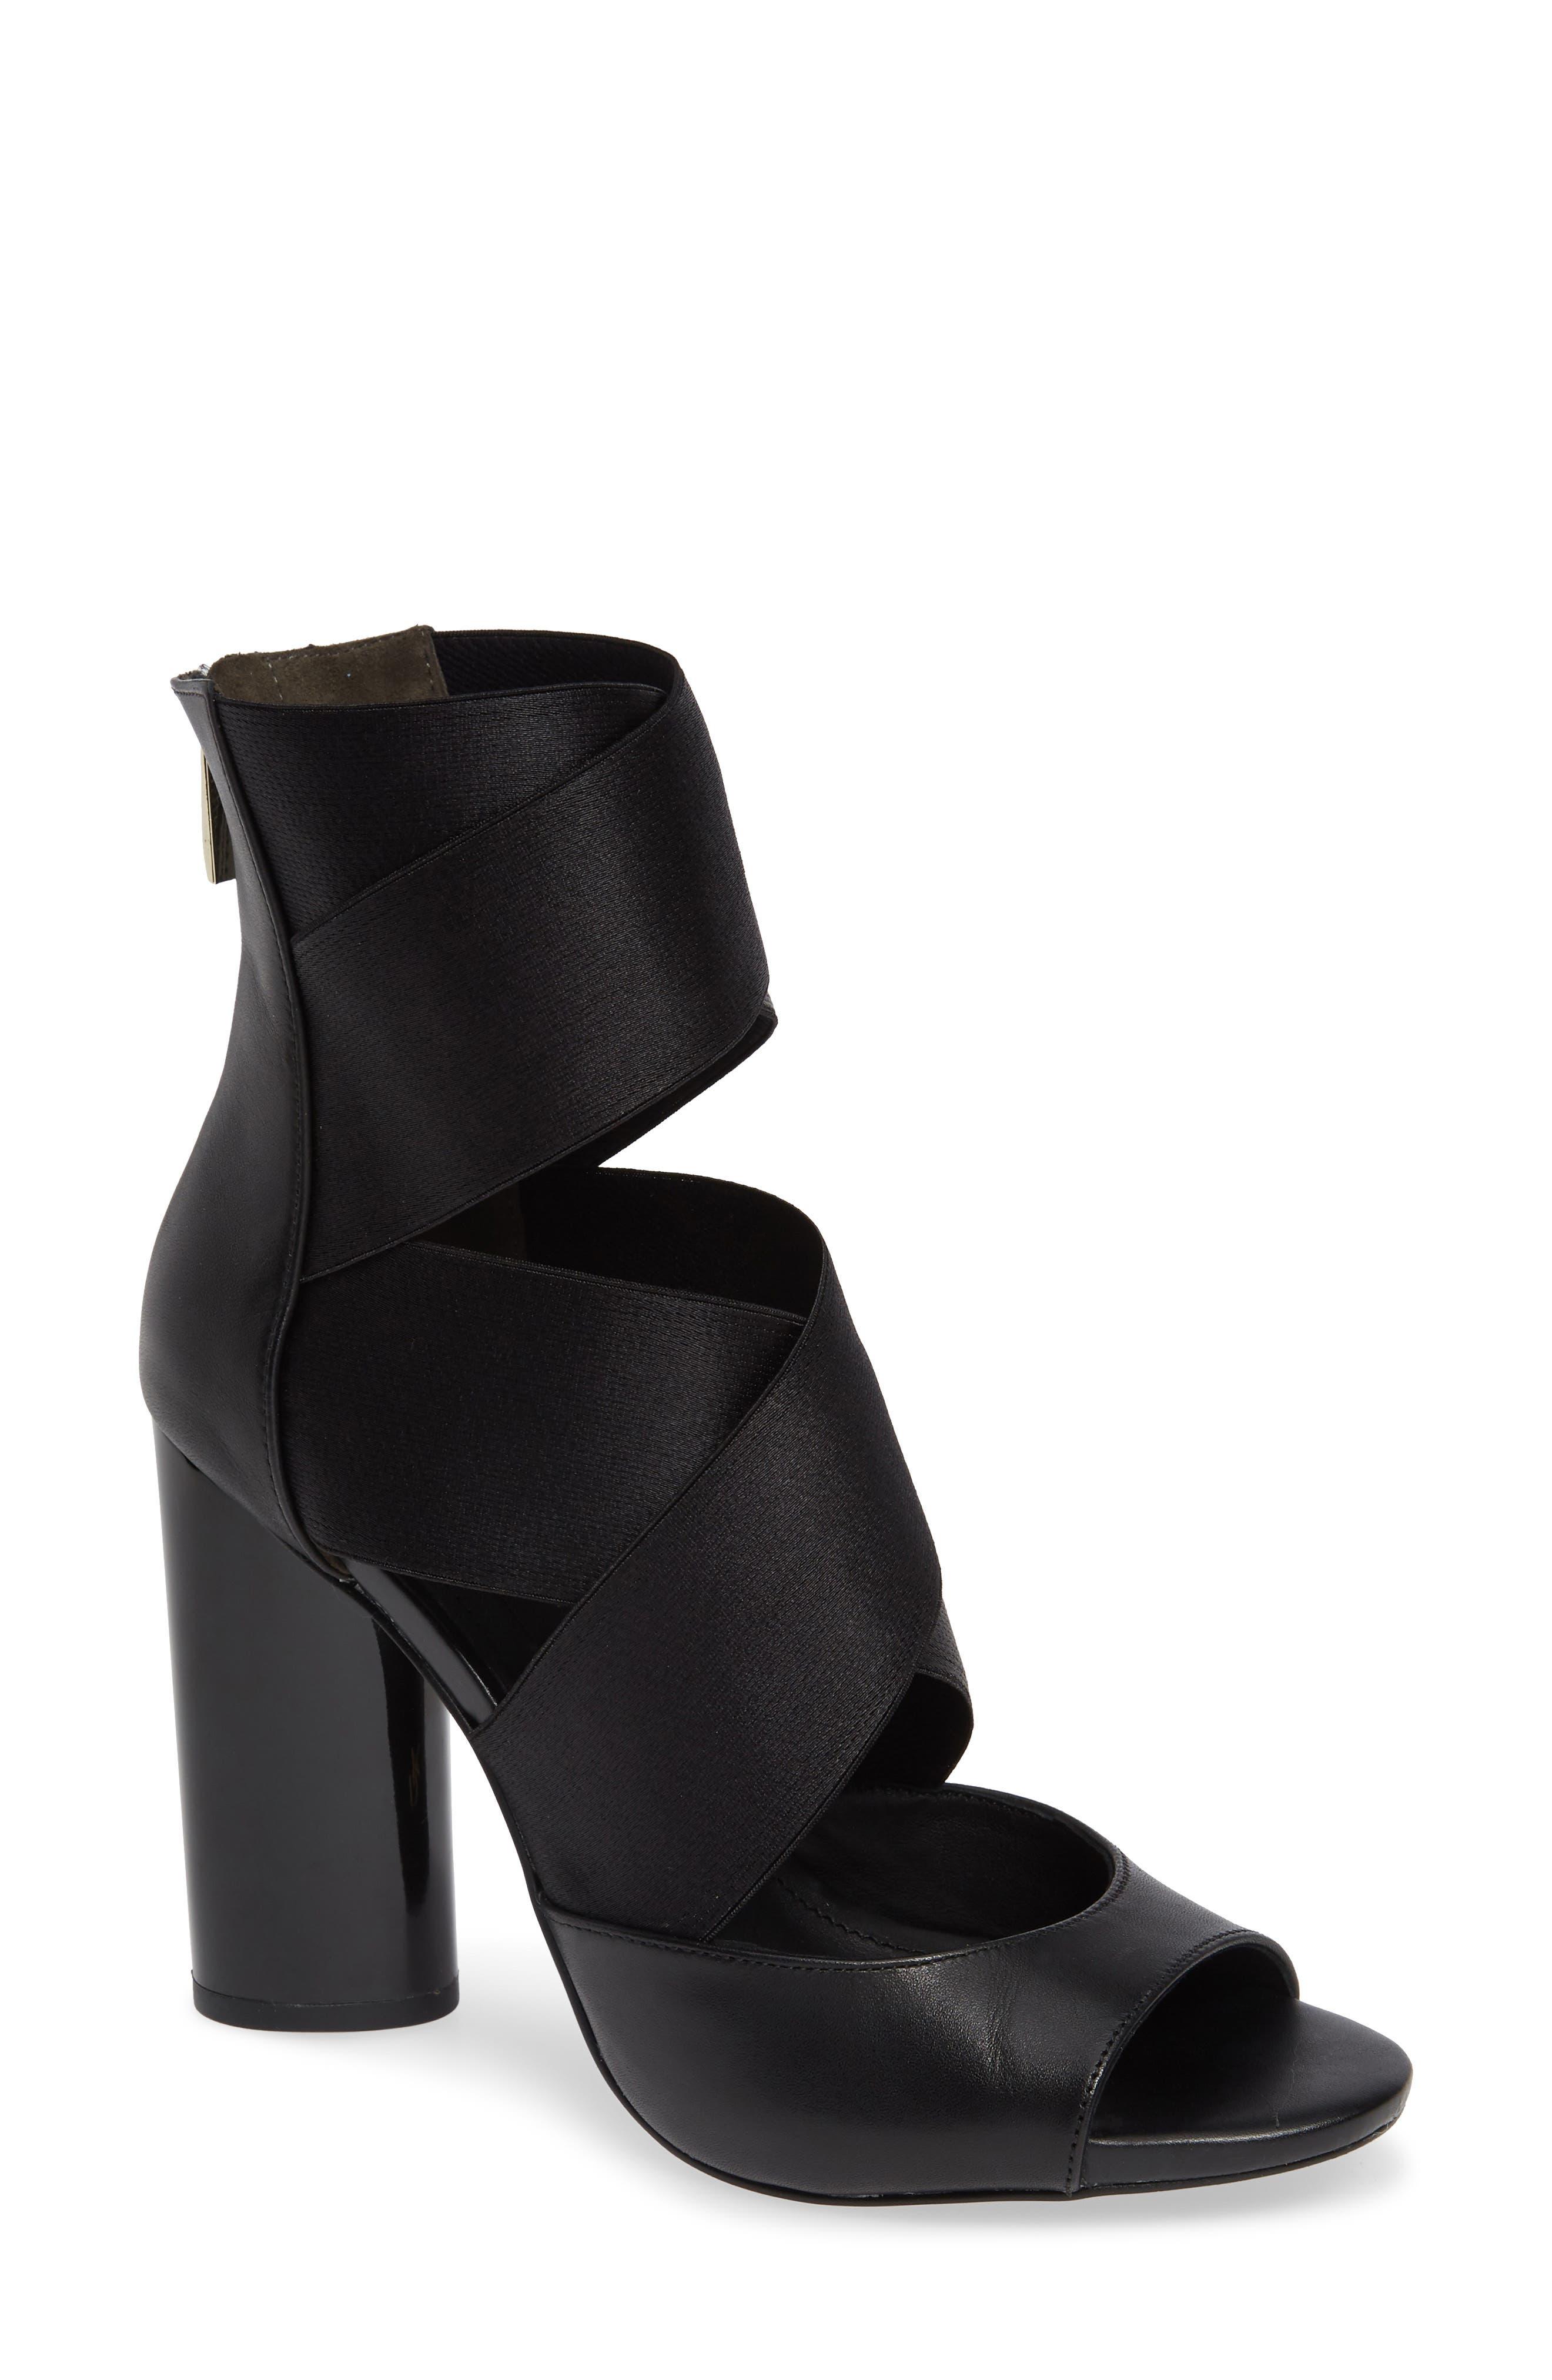 Donna Karan Briana Strappy High Sandal,                             Main thumbnail 1, color,                             BLACK CALF SHINY SATIN ELASTIC